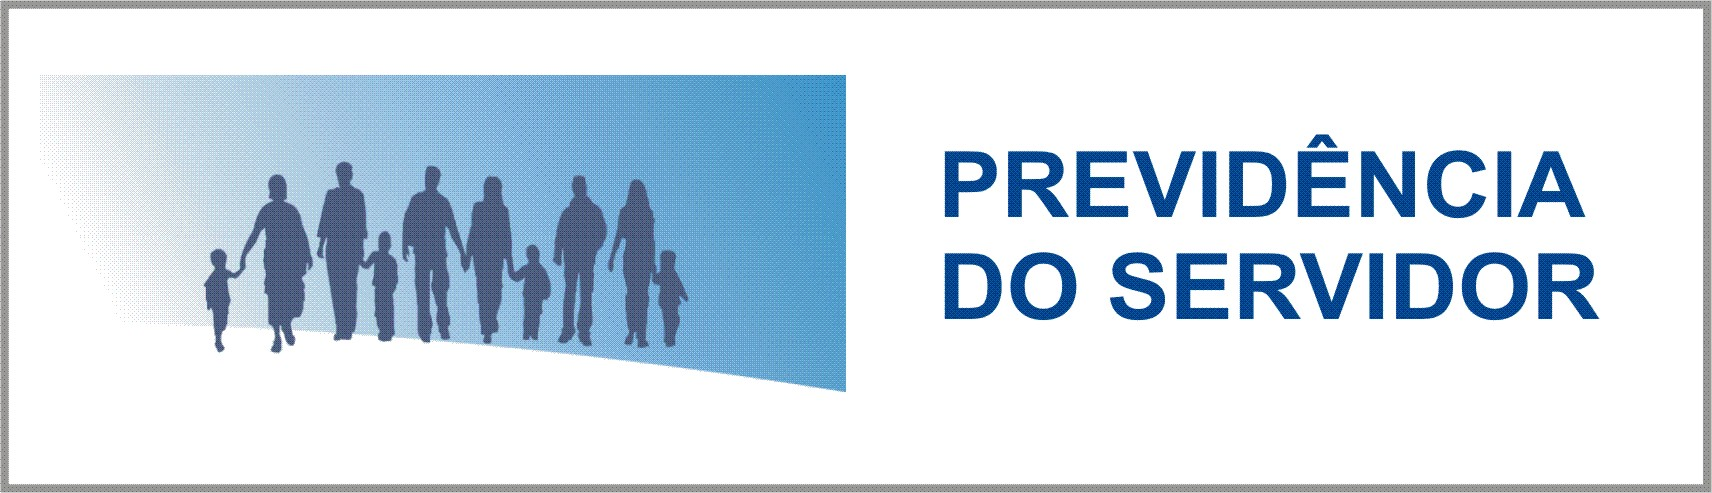 Recadastramento anual dos inativos e pensionistas de final 7 termina neste dia 31 de julho